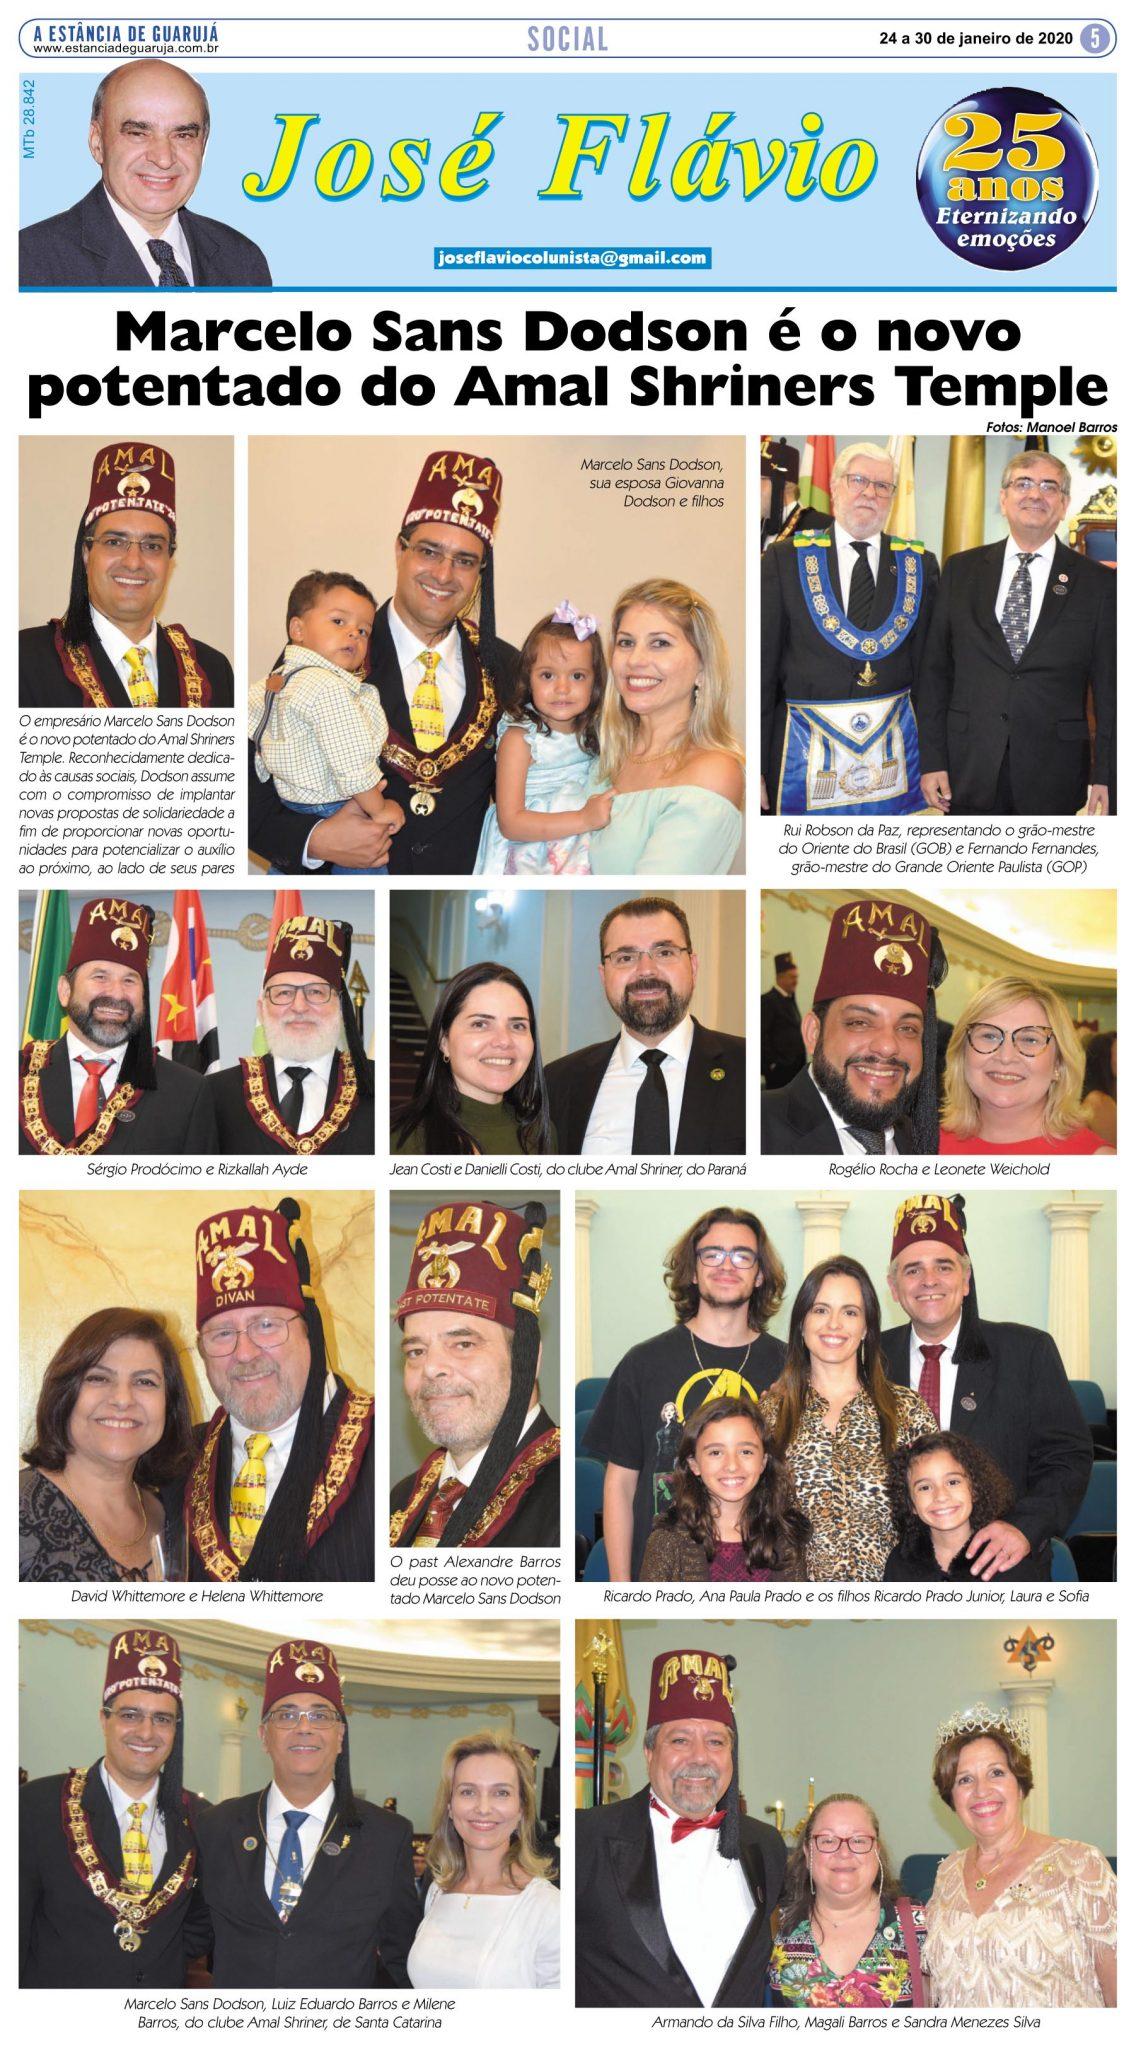 Marcelo Sans Dodson é o novo potentado do Amal Shriners Temple